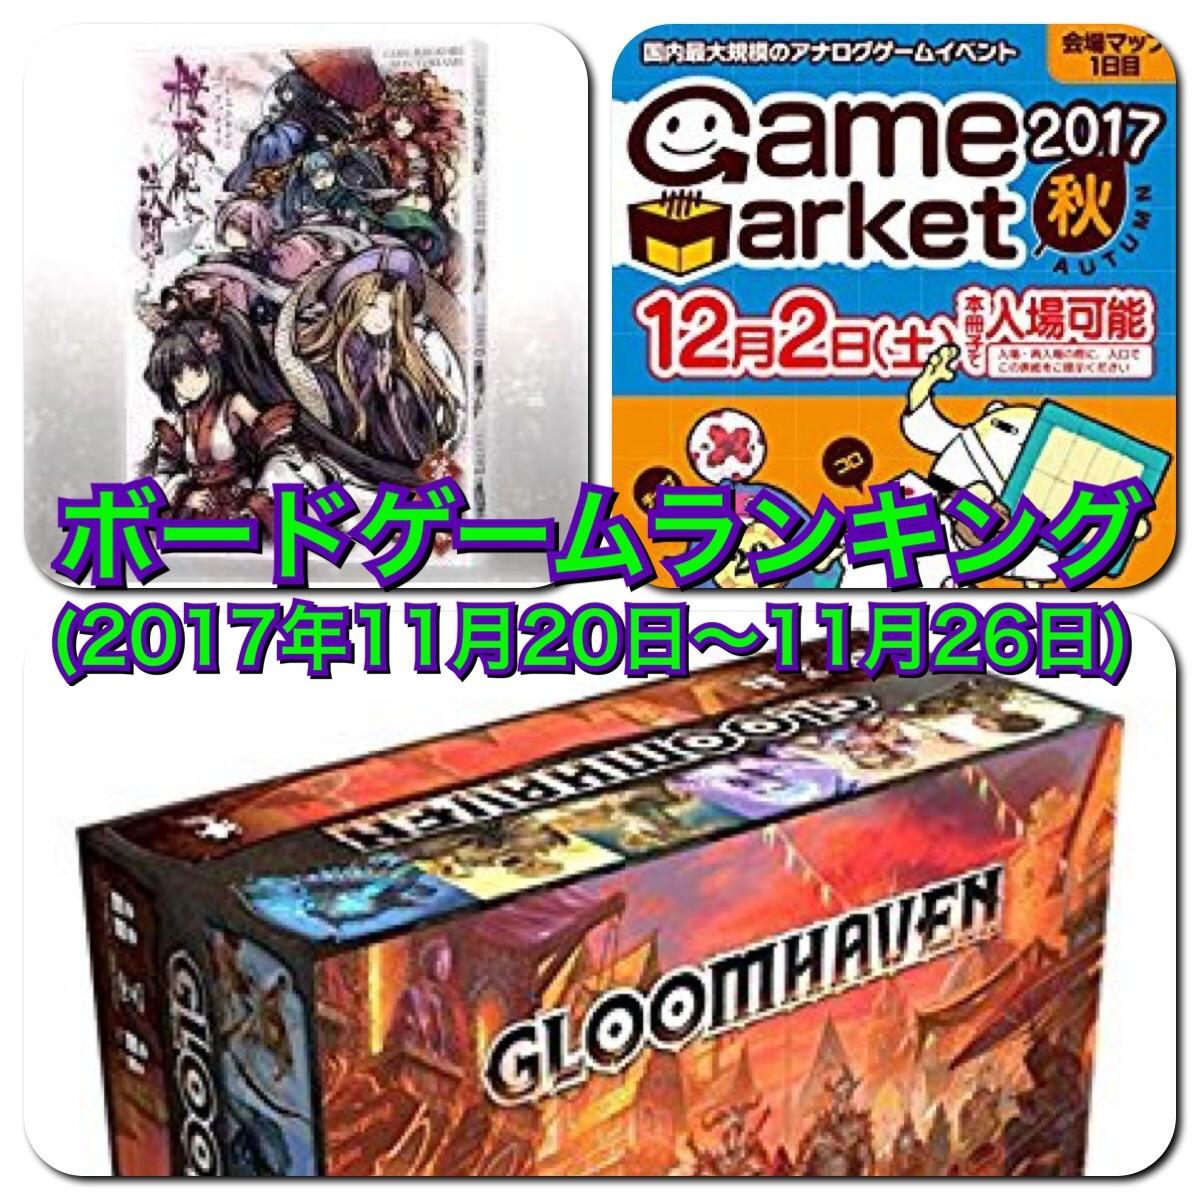 ボードゲームランキング(2017年11月20日〜11月26日)